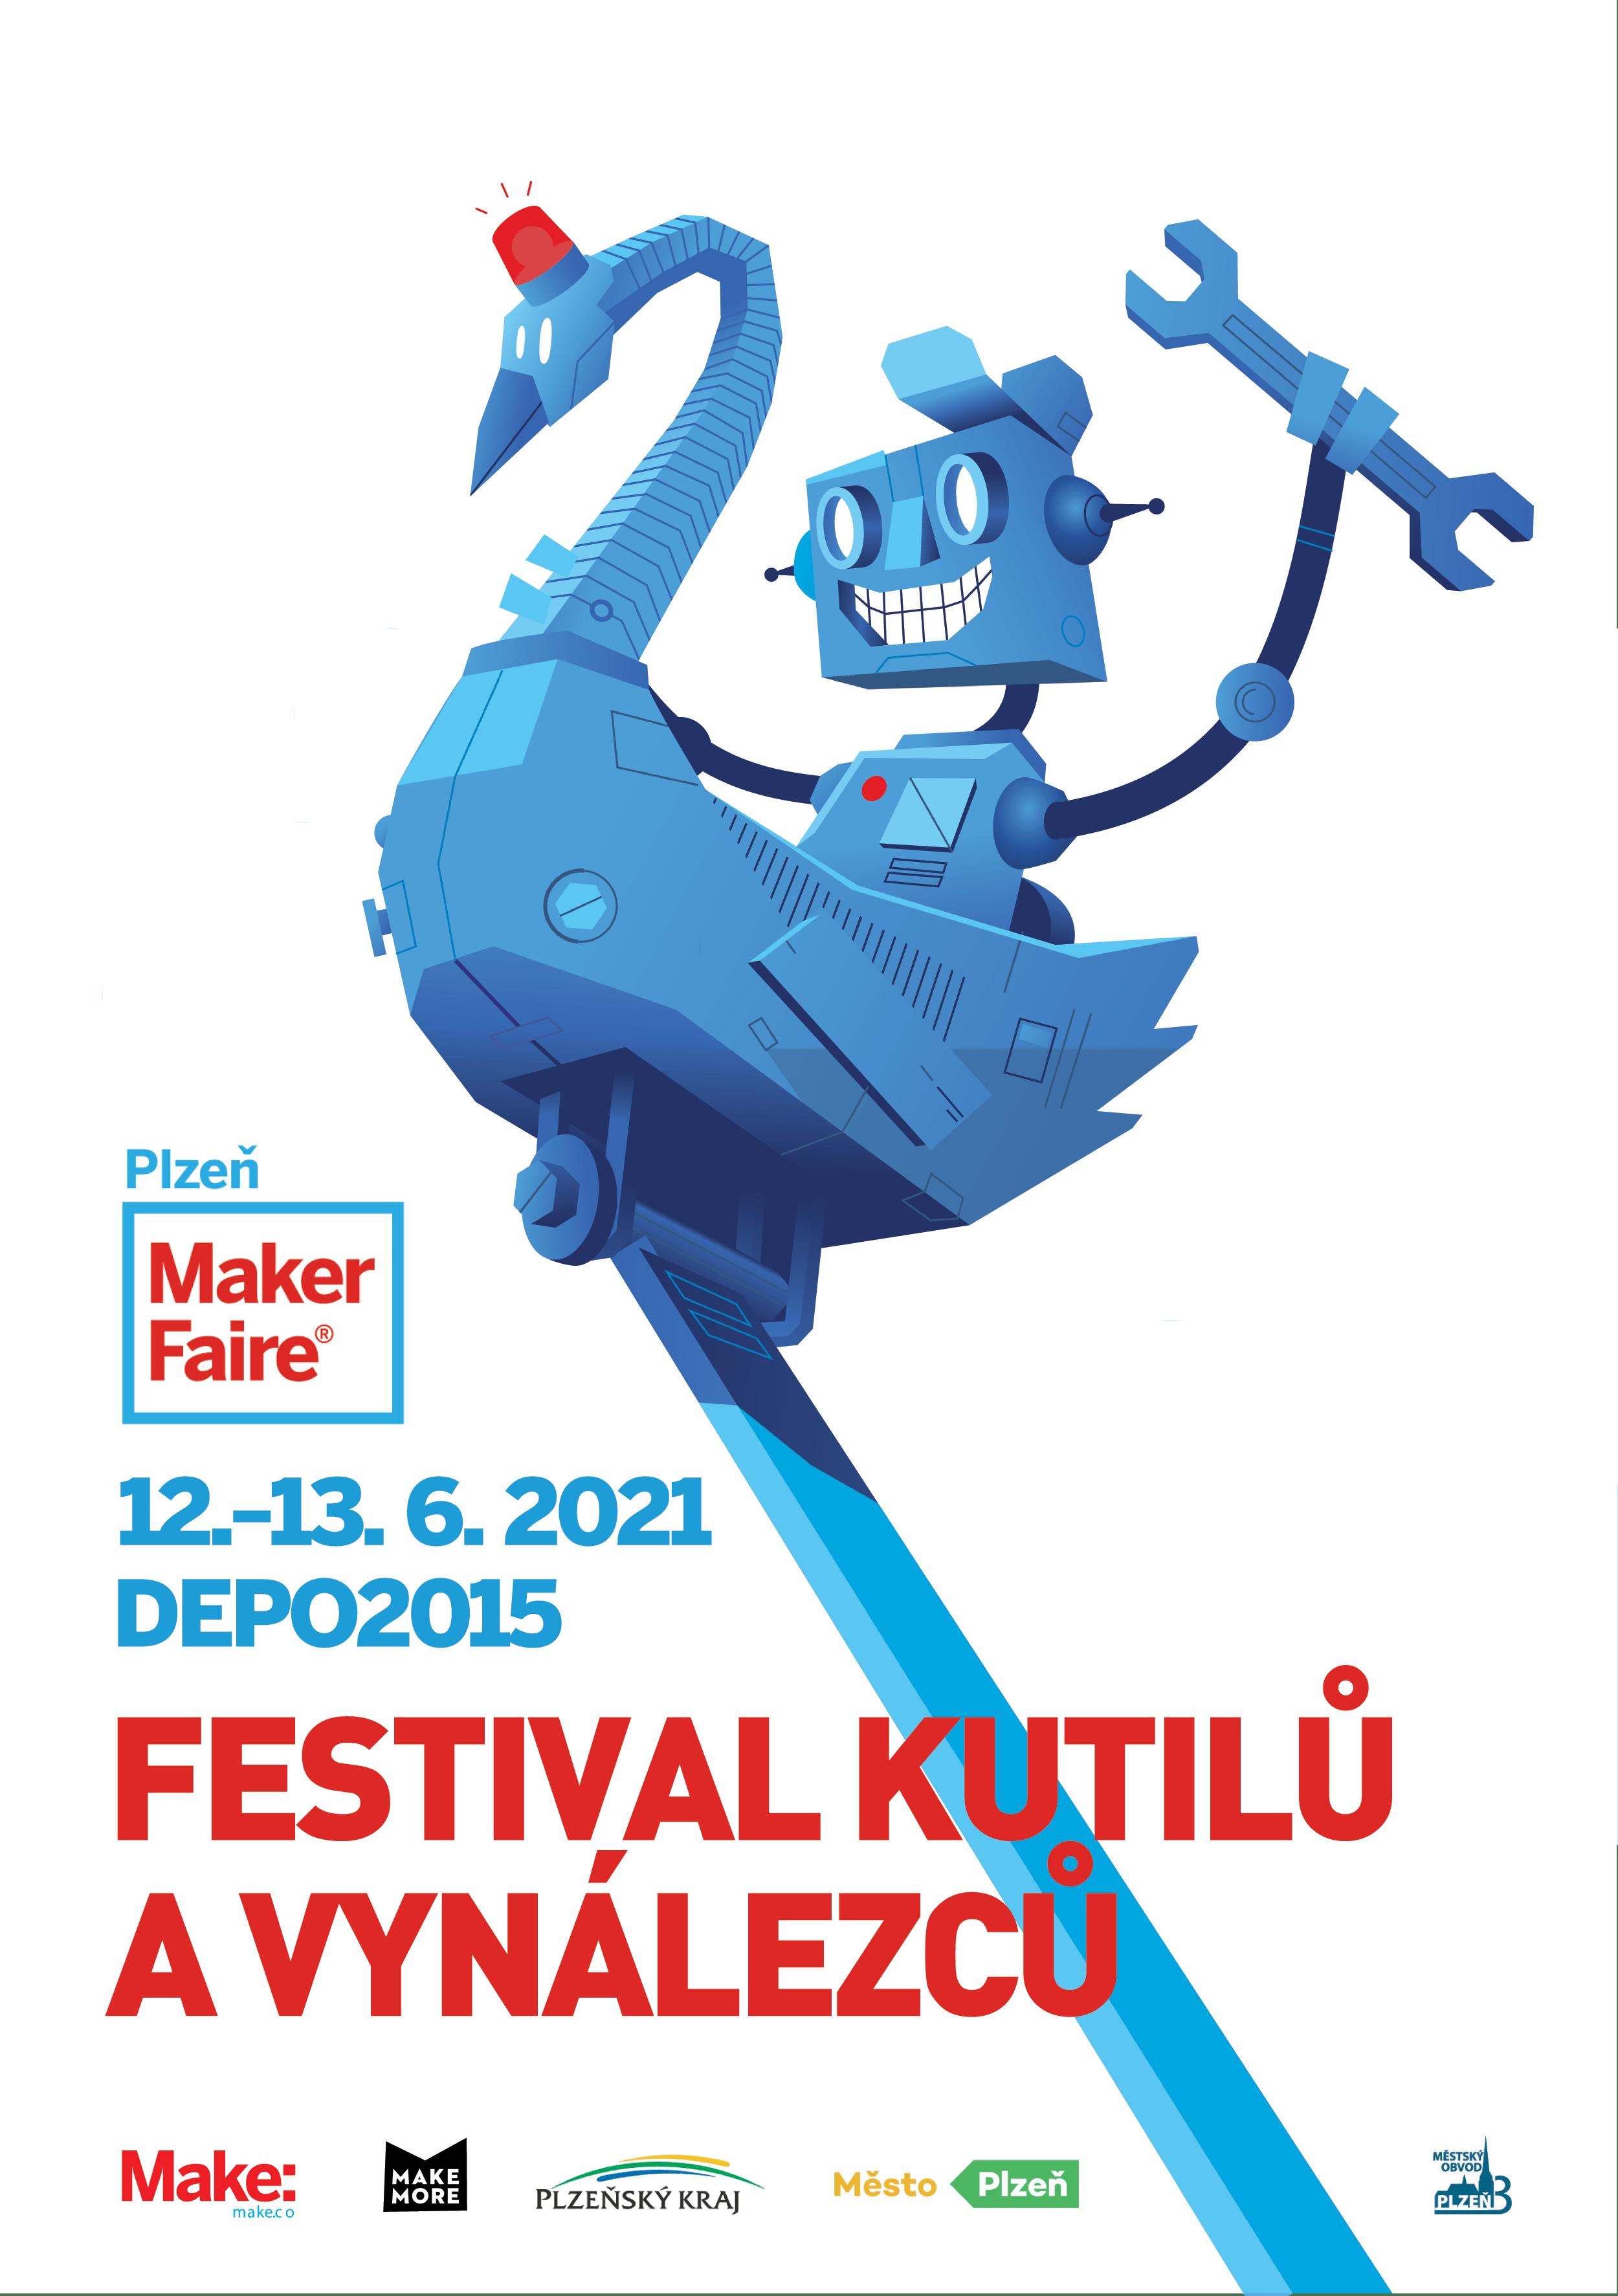 Maker Faire Plzeň 2021 this weekend!